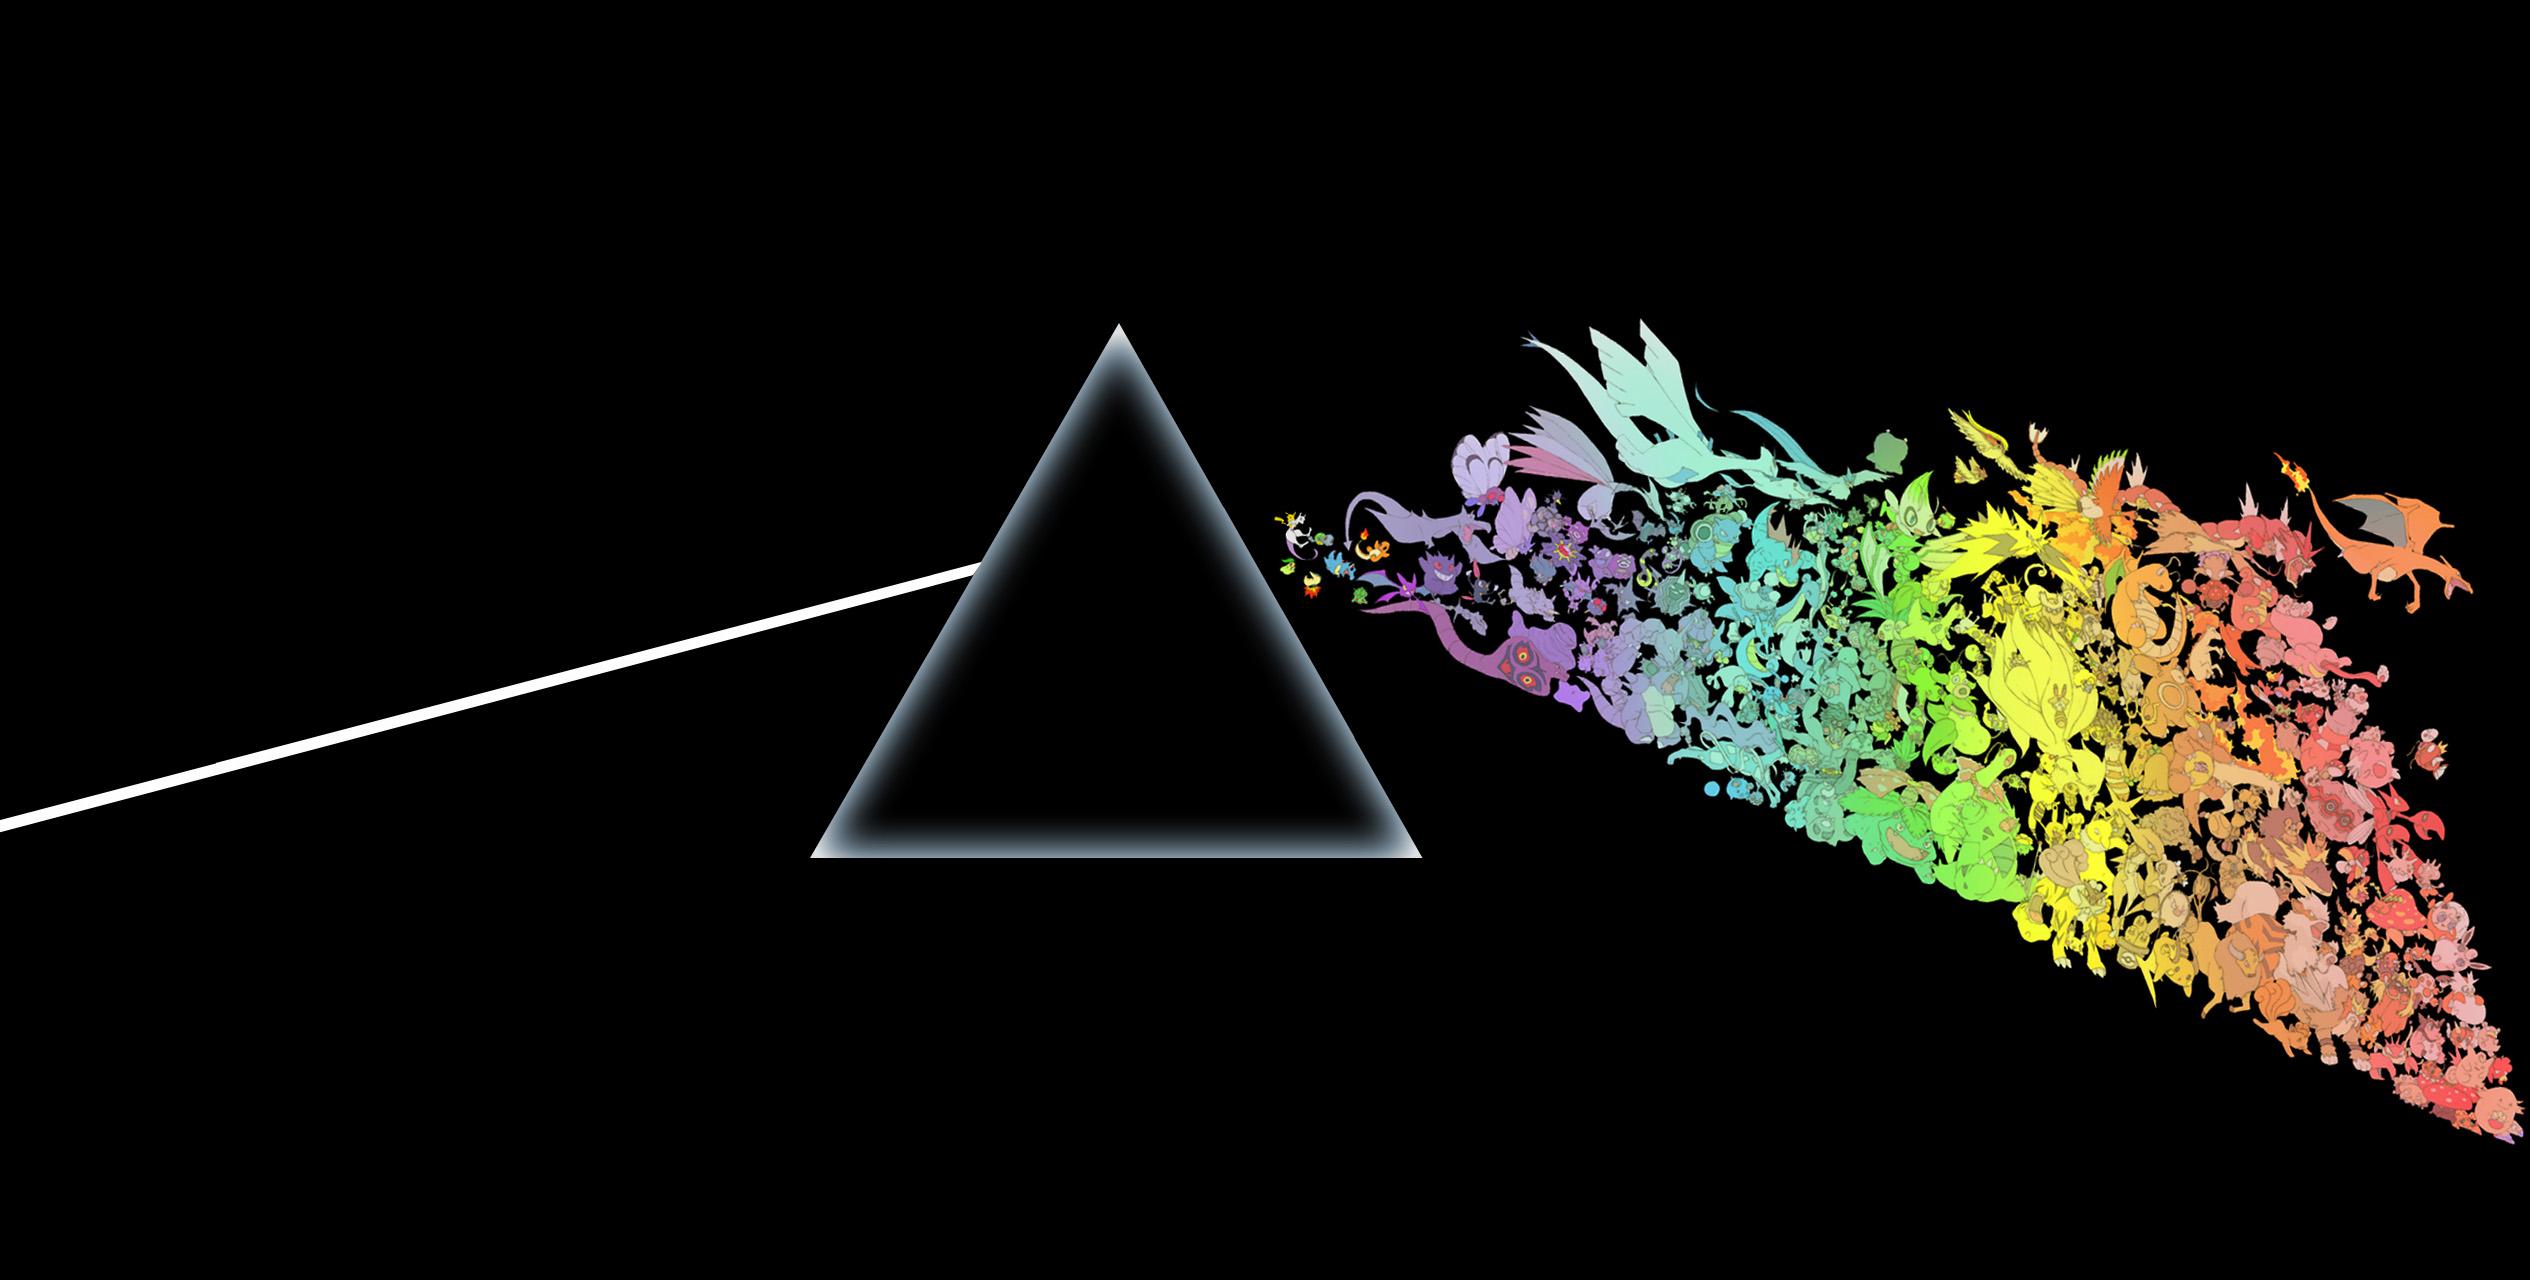 Pokemon Music Pink Floyd Wallpaper Poke Week Atomix